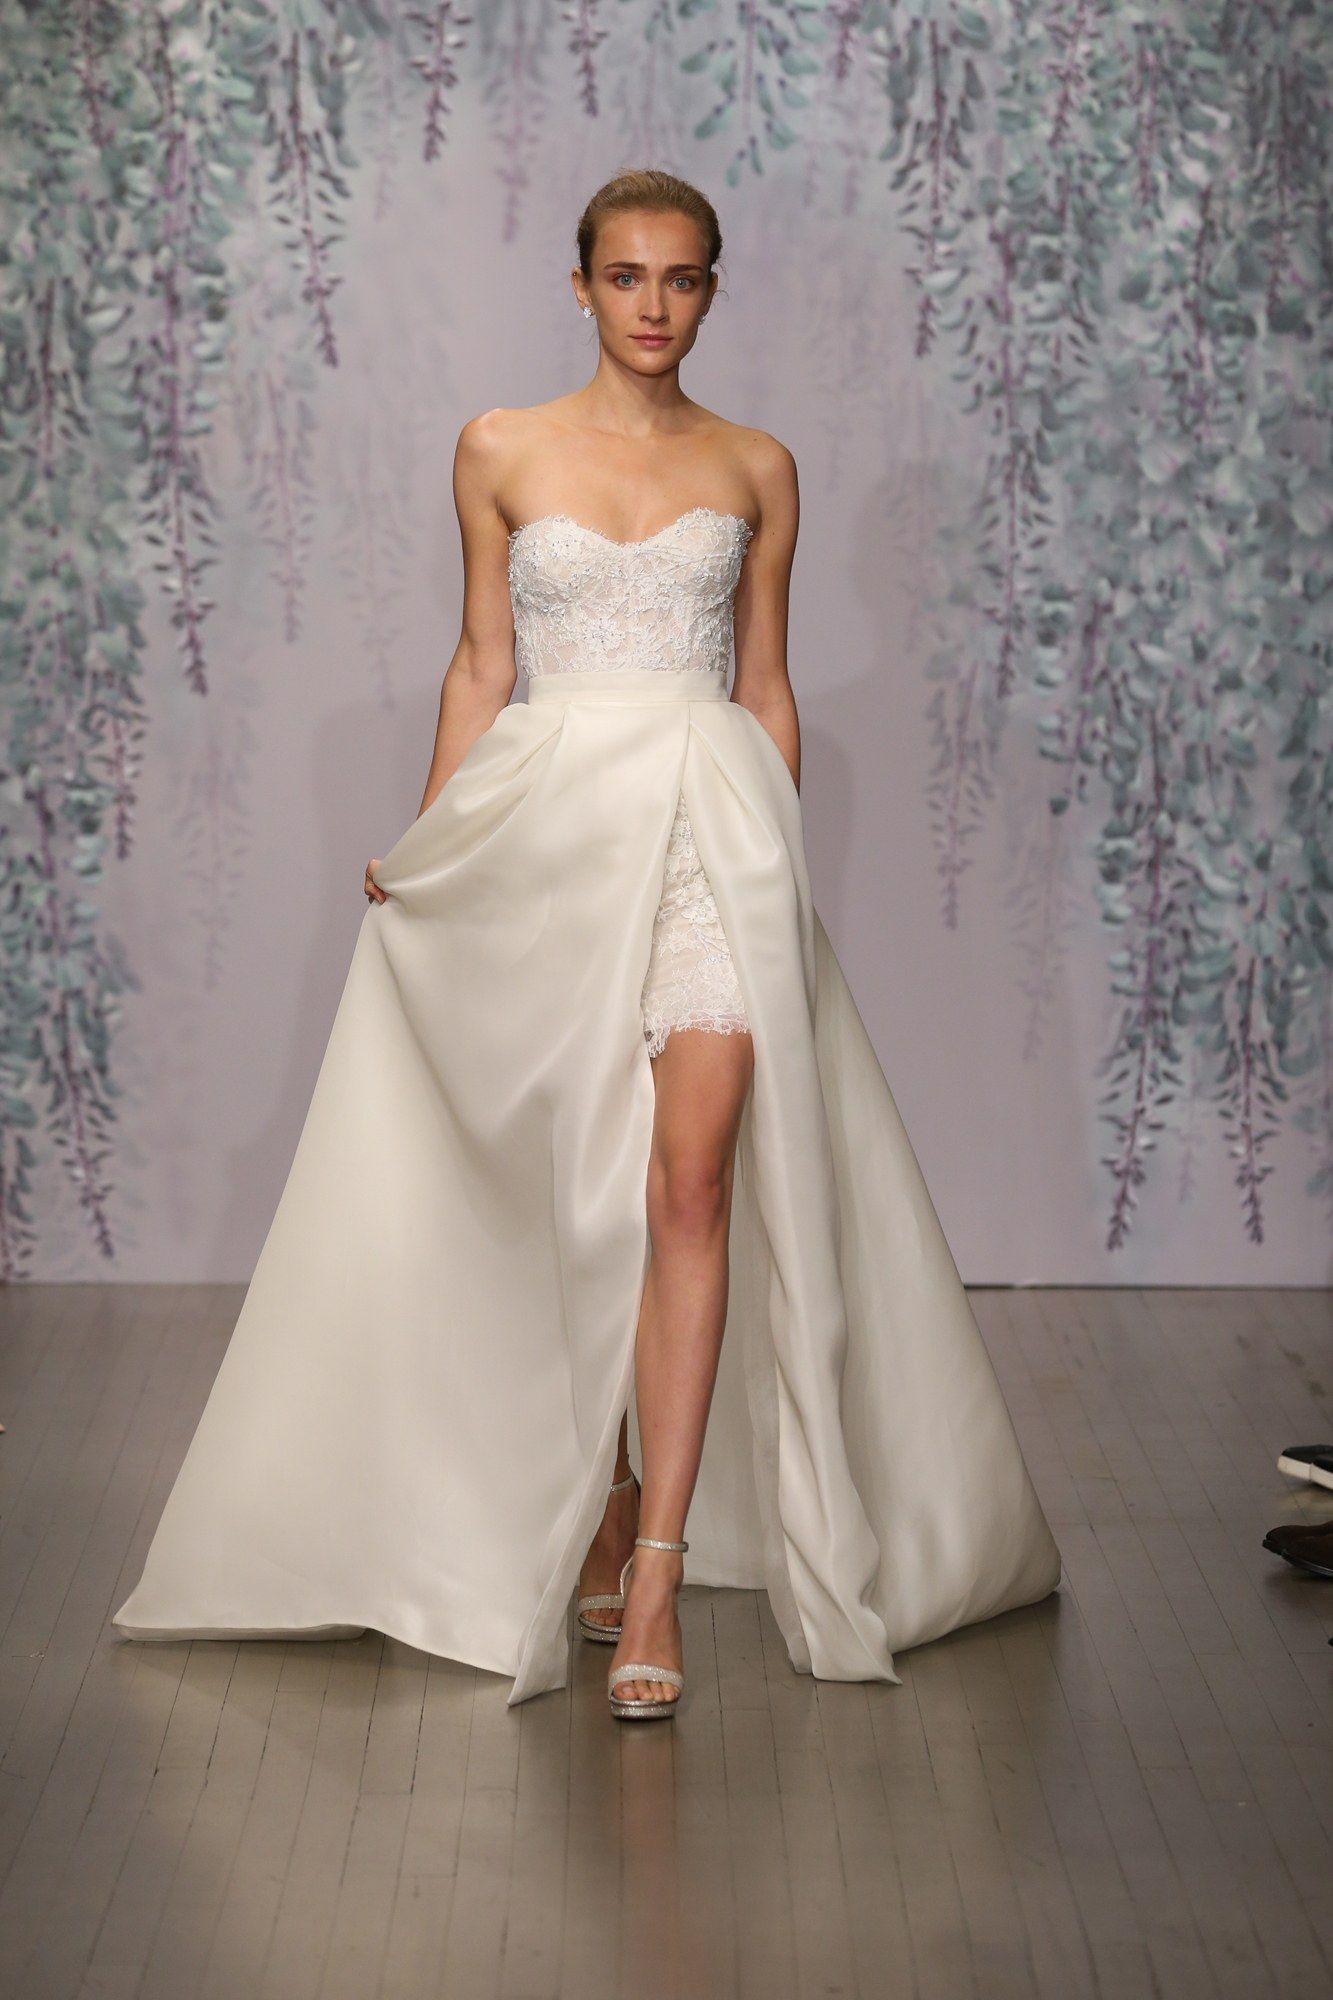 Monique Lhuillier Bridal Fall 2016 Fashion Show | Monique lhuillier ...